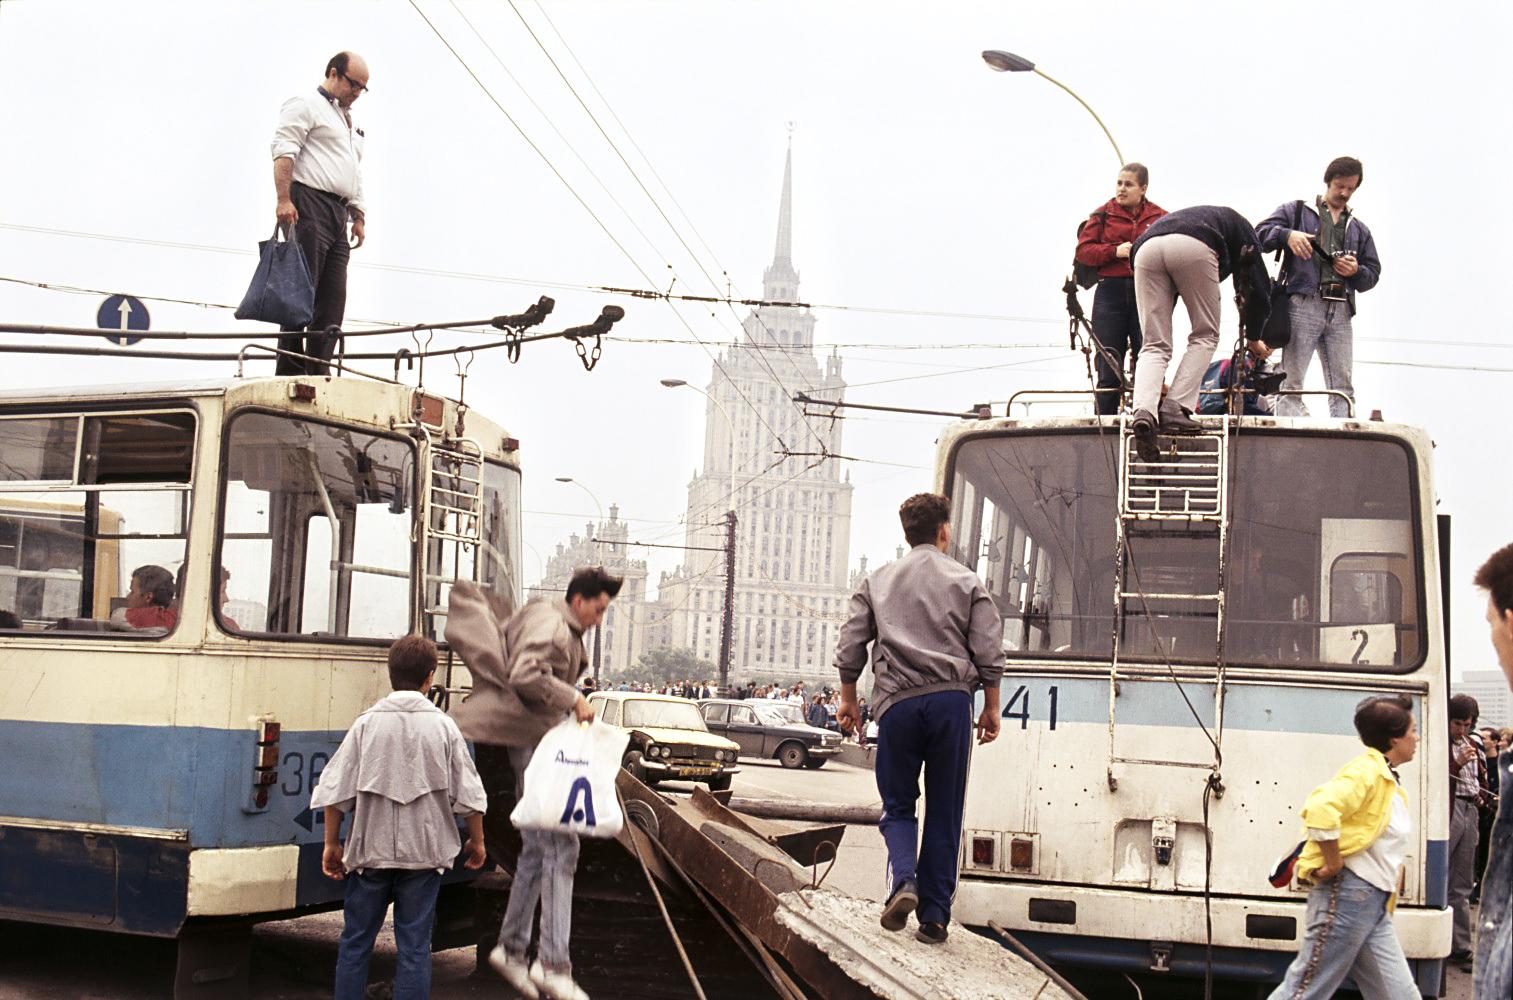 После того, как колонна бронетехники прошла по Калининскому проспекту на Кремль, до Манежа, мост возле Белого дома перегородили троллейбусами. Вдали — гостиница «Украина». 19 августа 1991 года